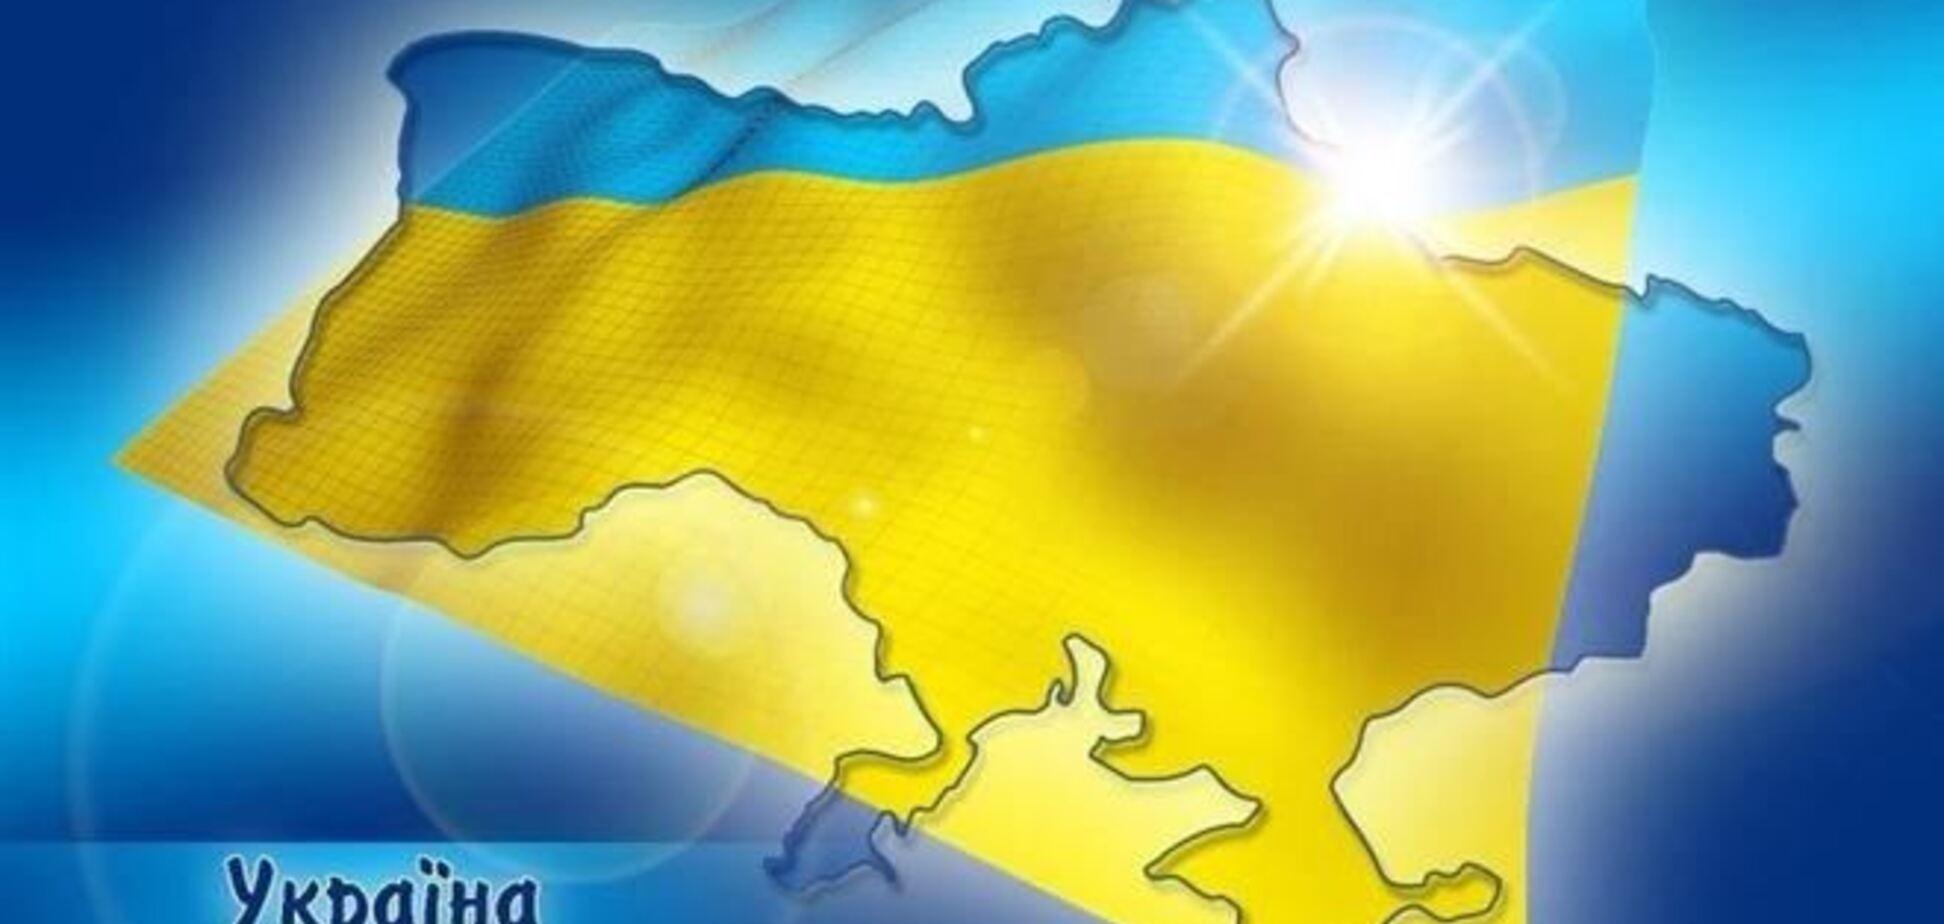 Власти Украины согласовали кандидатуры еще трех губернаторов - СМИ